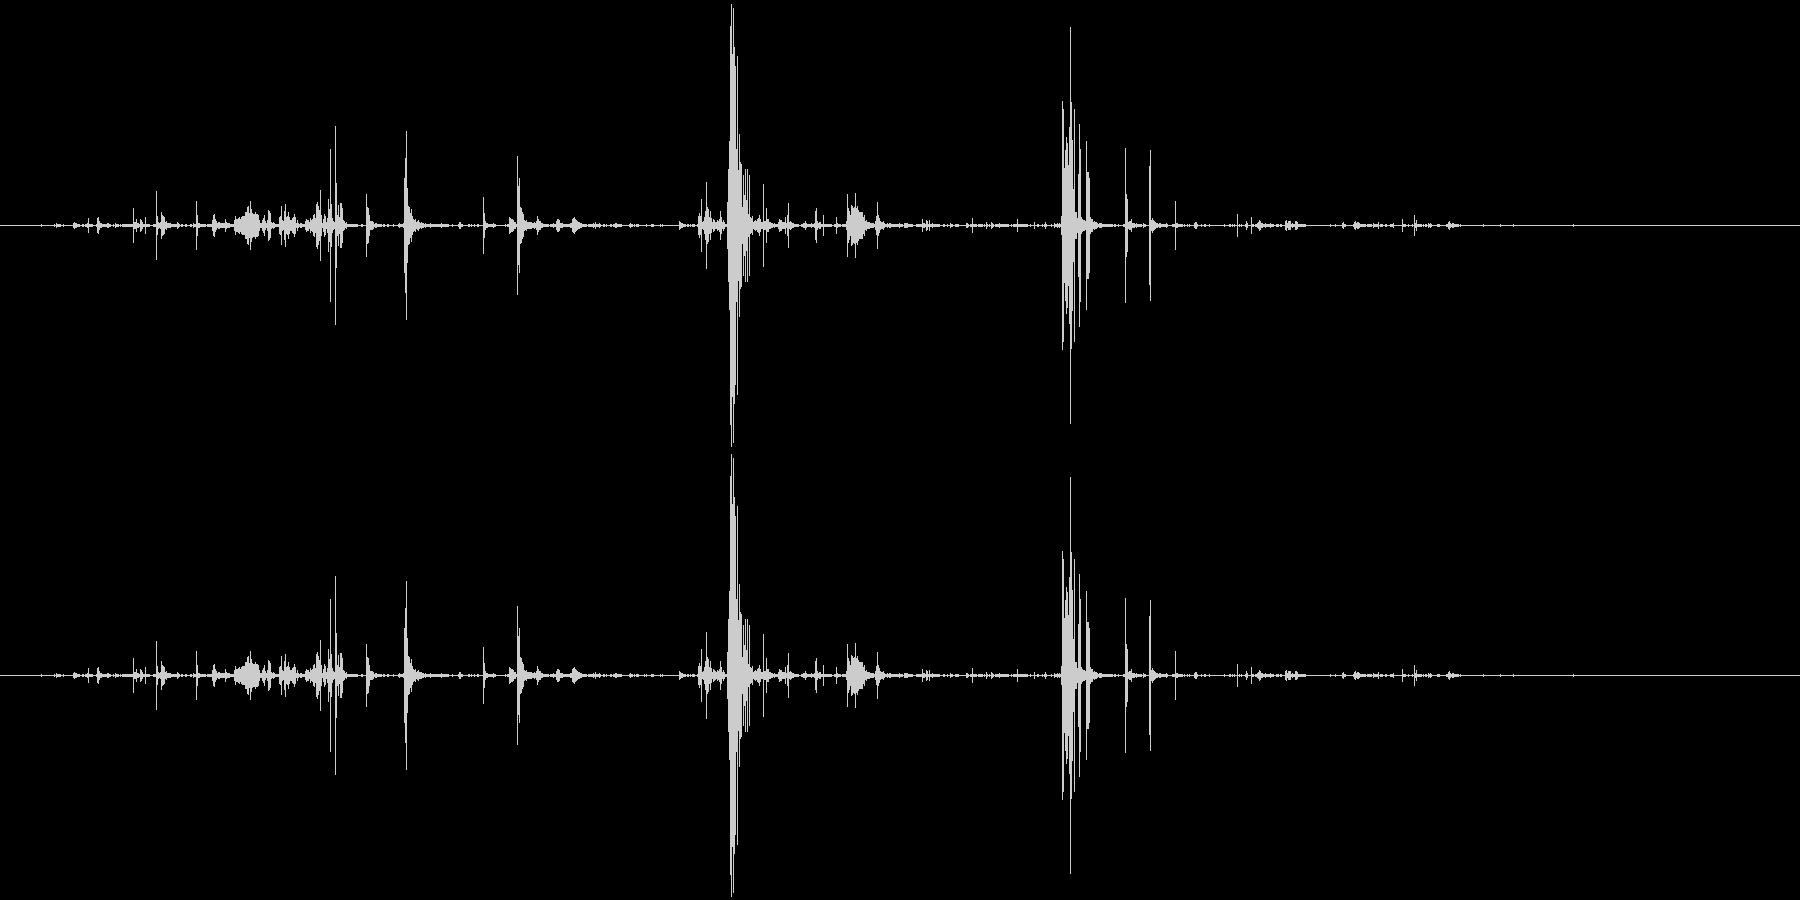 ループ・ネバネバしたものがうごめく音5の未再生の波形